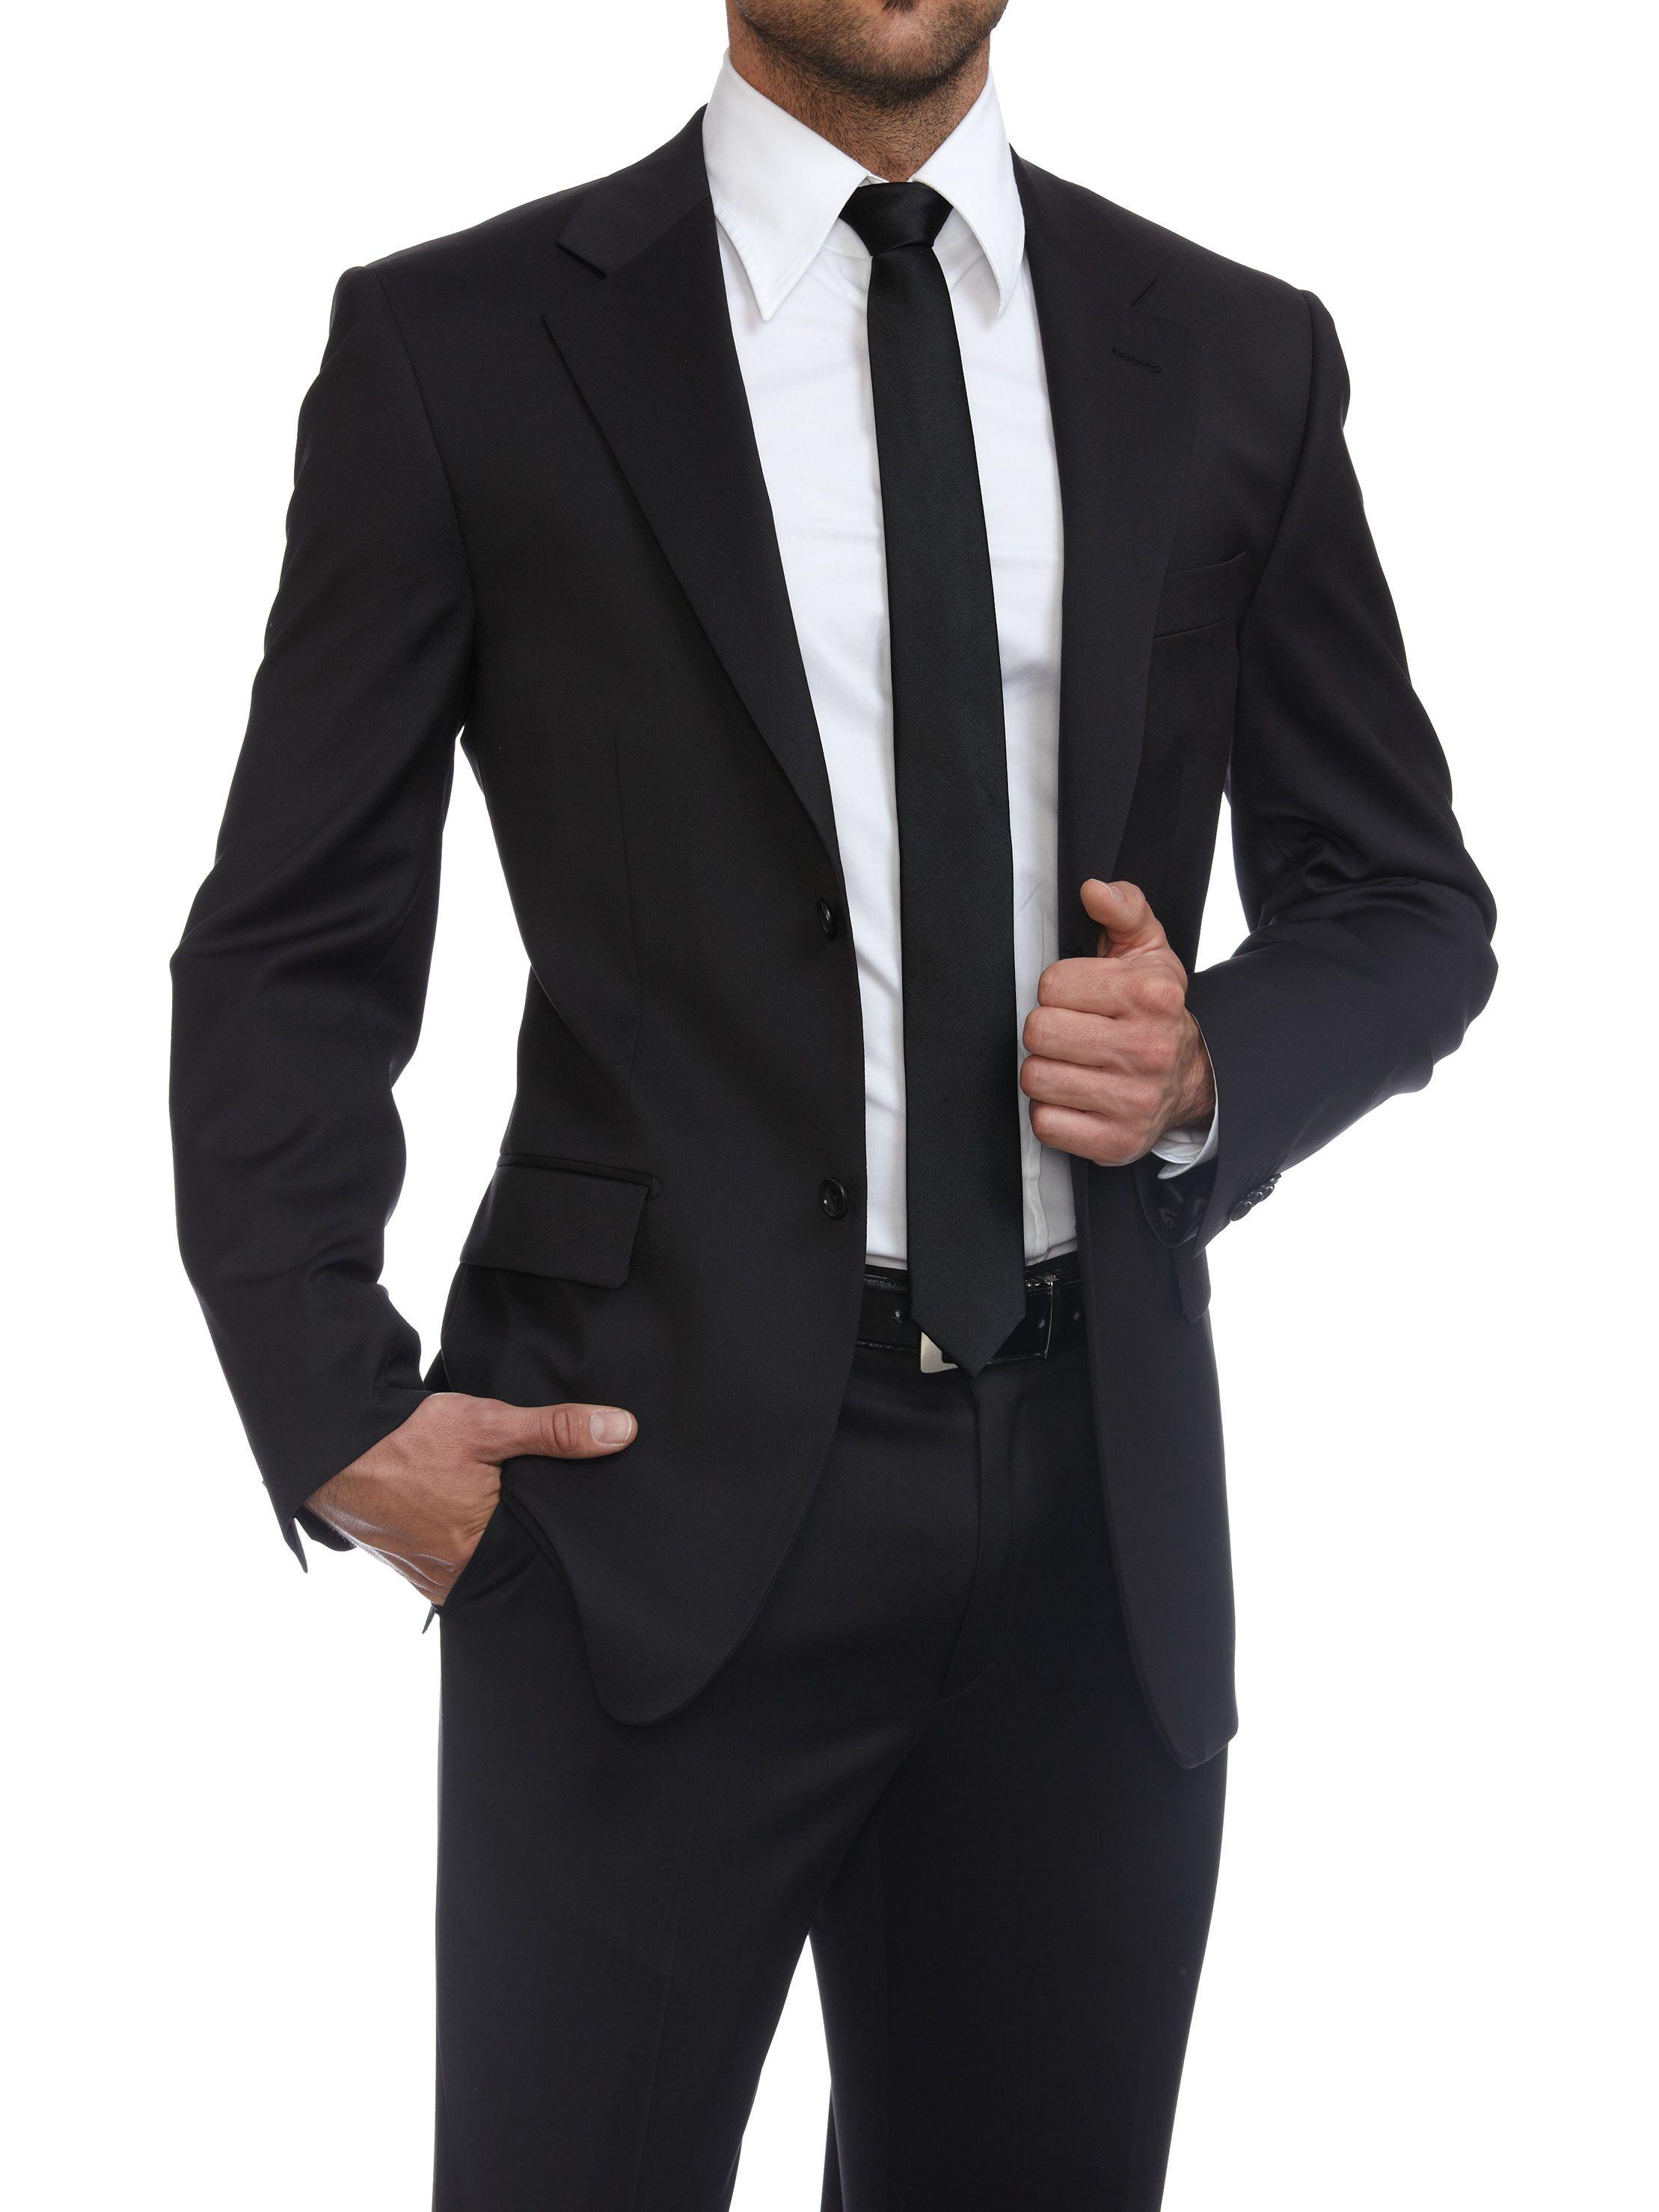 suit - Google 검색 | 양복 | Pinterest | Suits, 1